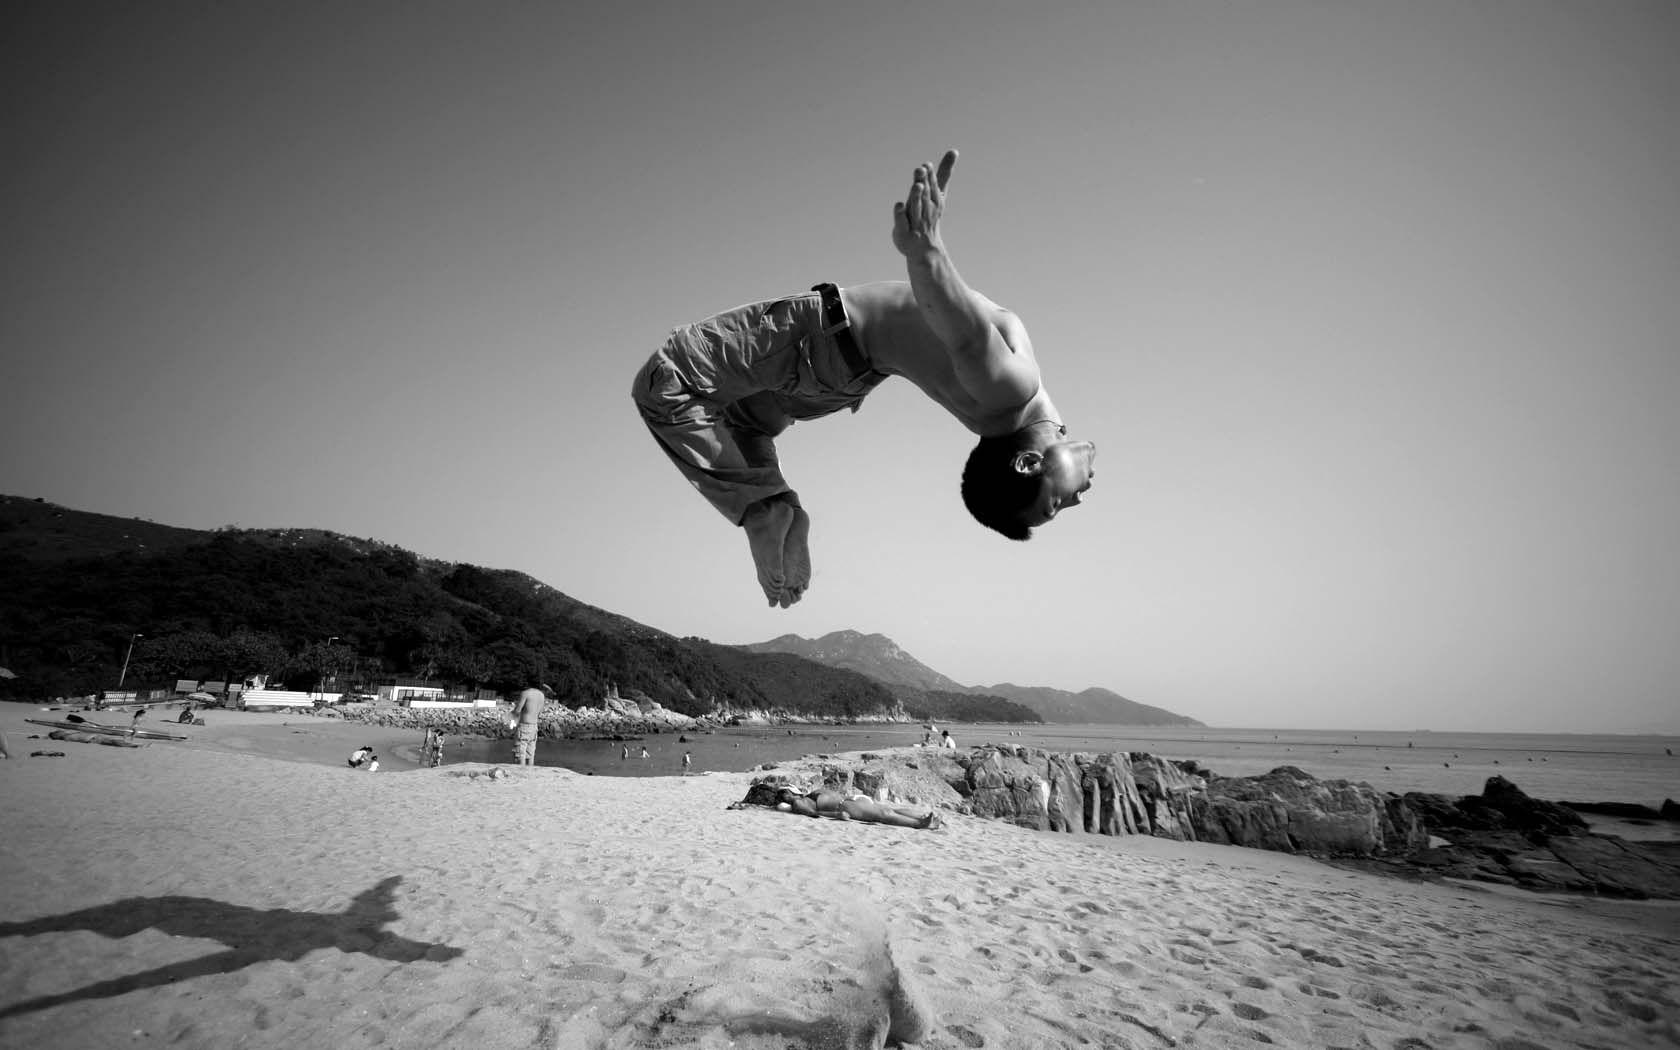 подходящее фото как сделать крутое фото в прыжке фотографиями